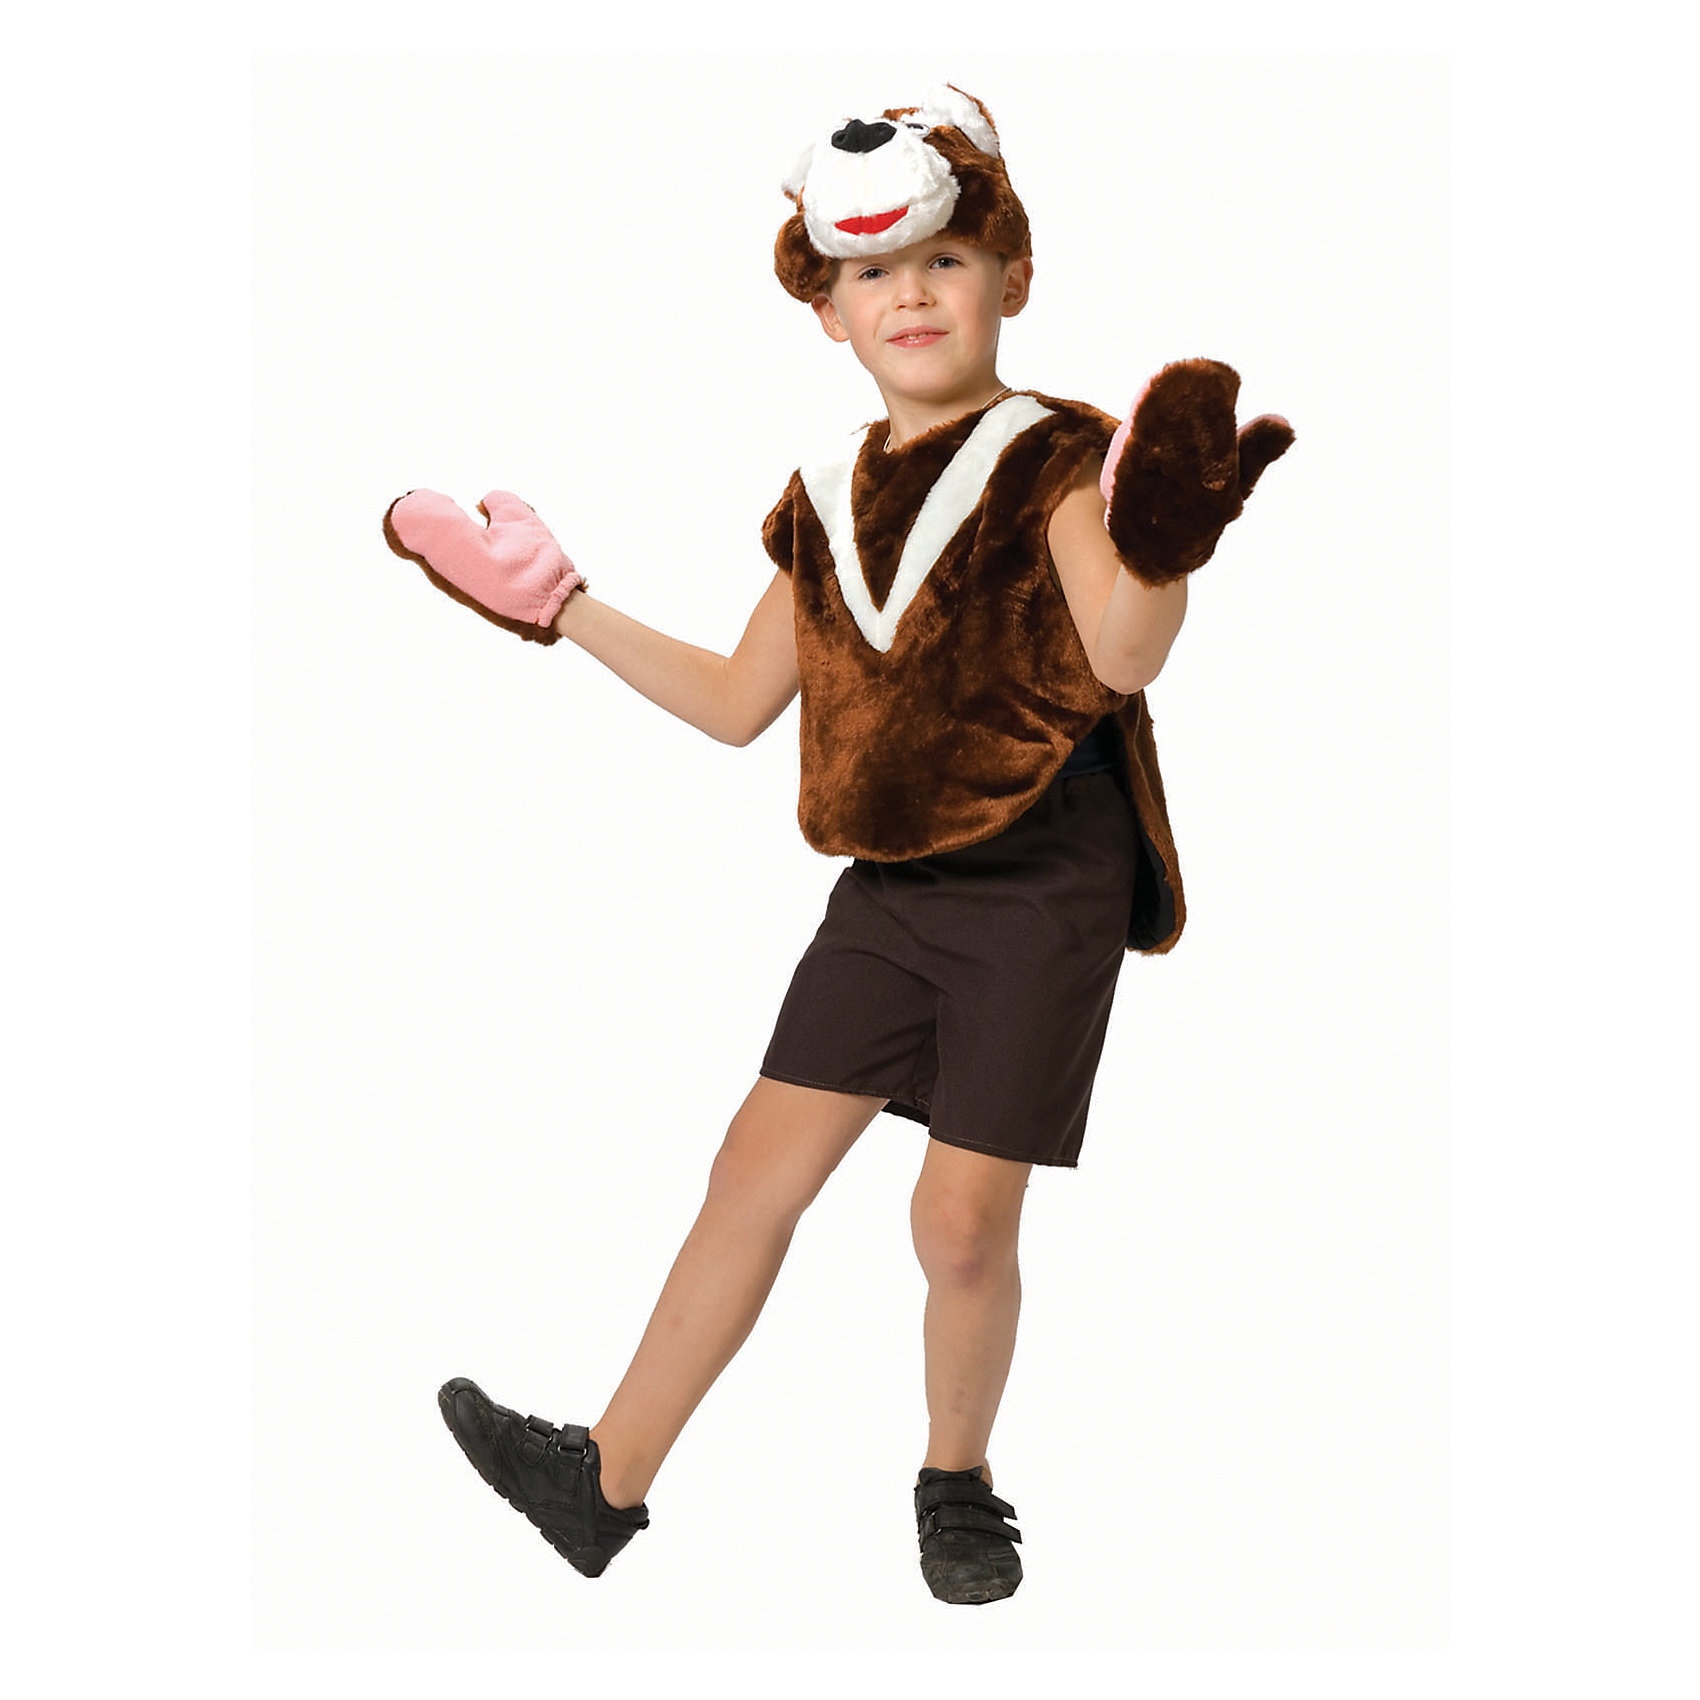 Вестифика Карнавальный костюм для мальчика Медвежонок, Вестифика вестифика карнавальный костюм цыпленок вестифика